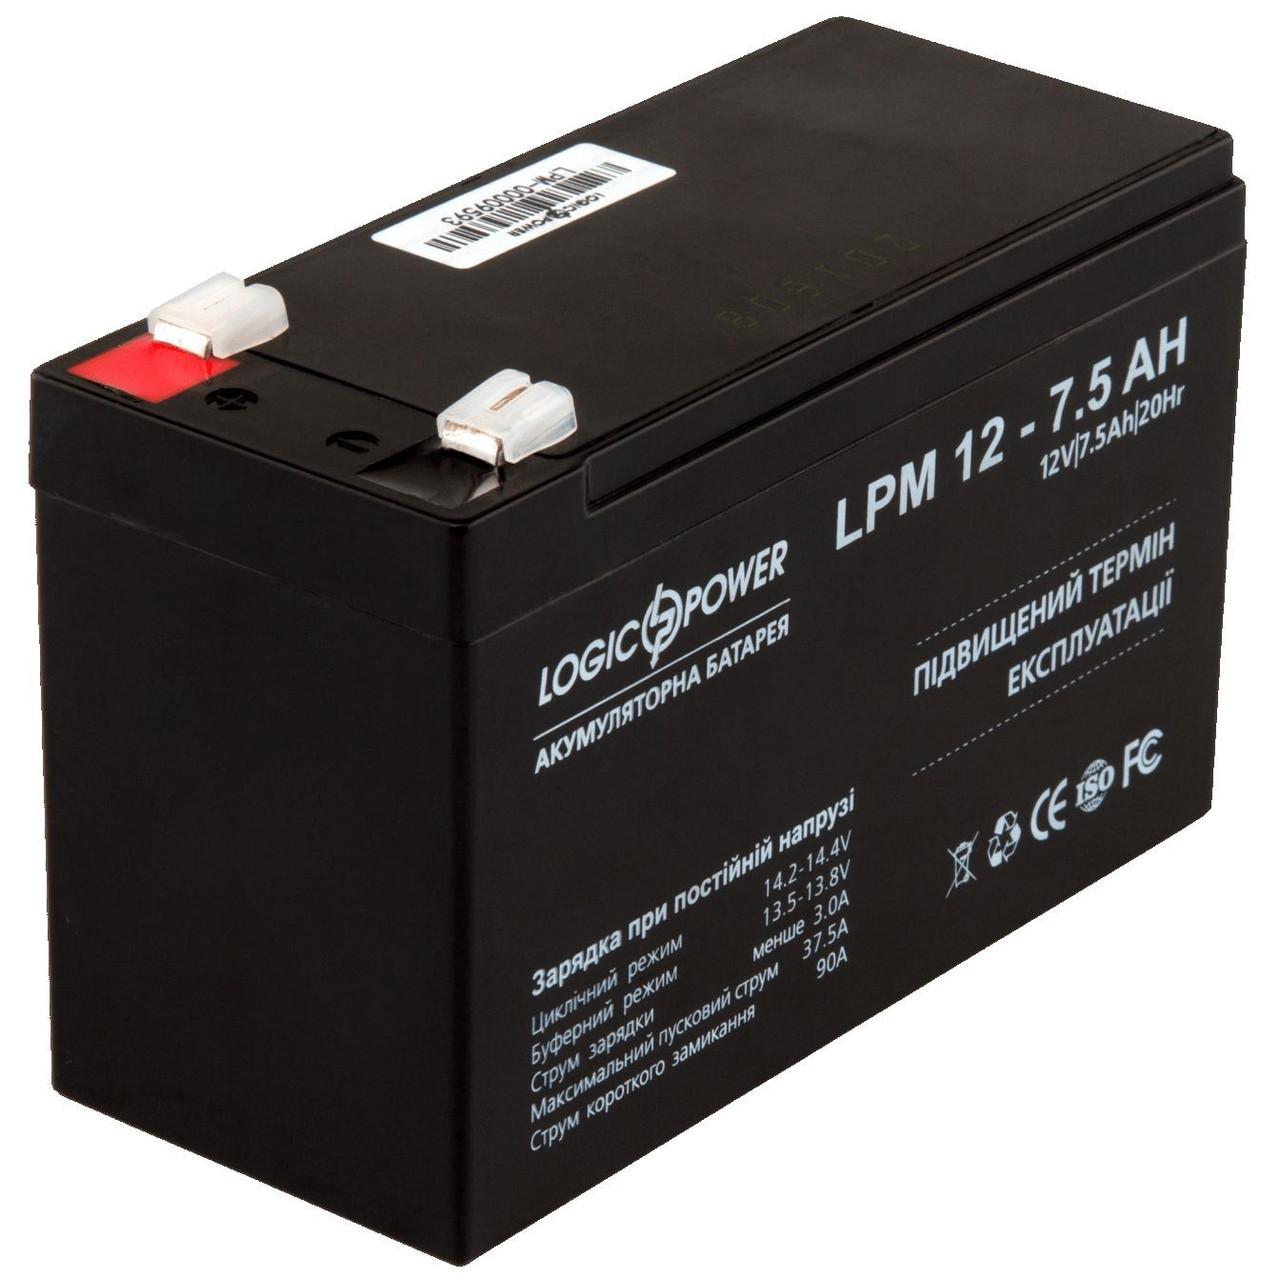 Аккумуляторная батарея LogicPower 12V 7.5AH (LPM 12 - 7,5 AH) AGM